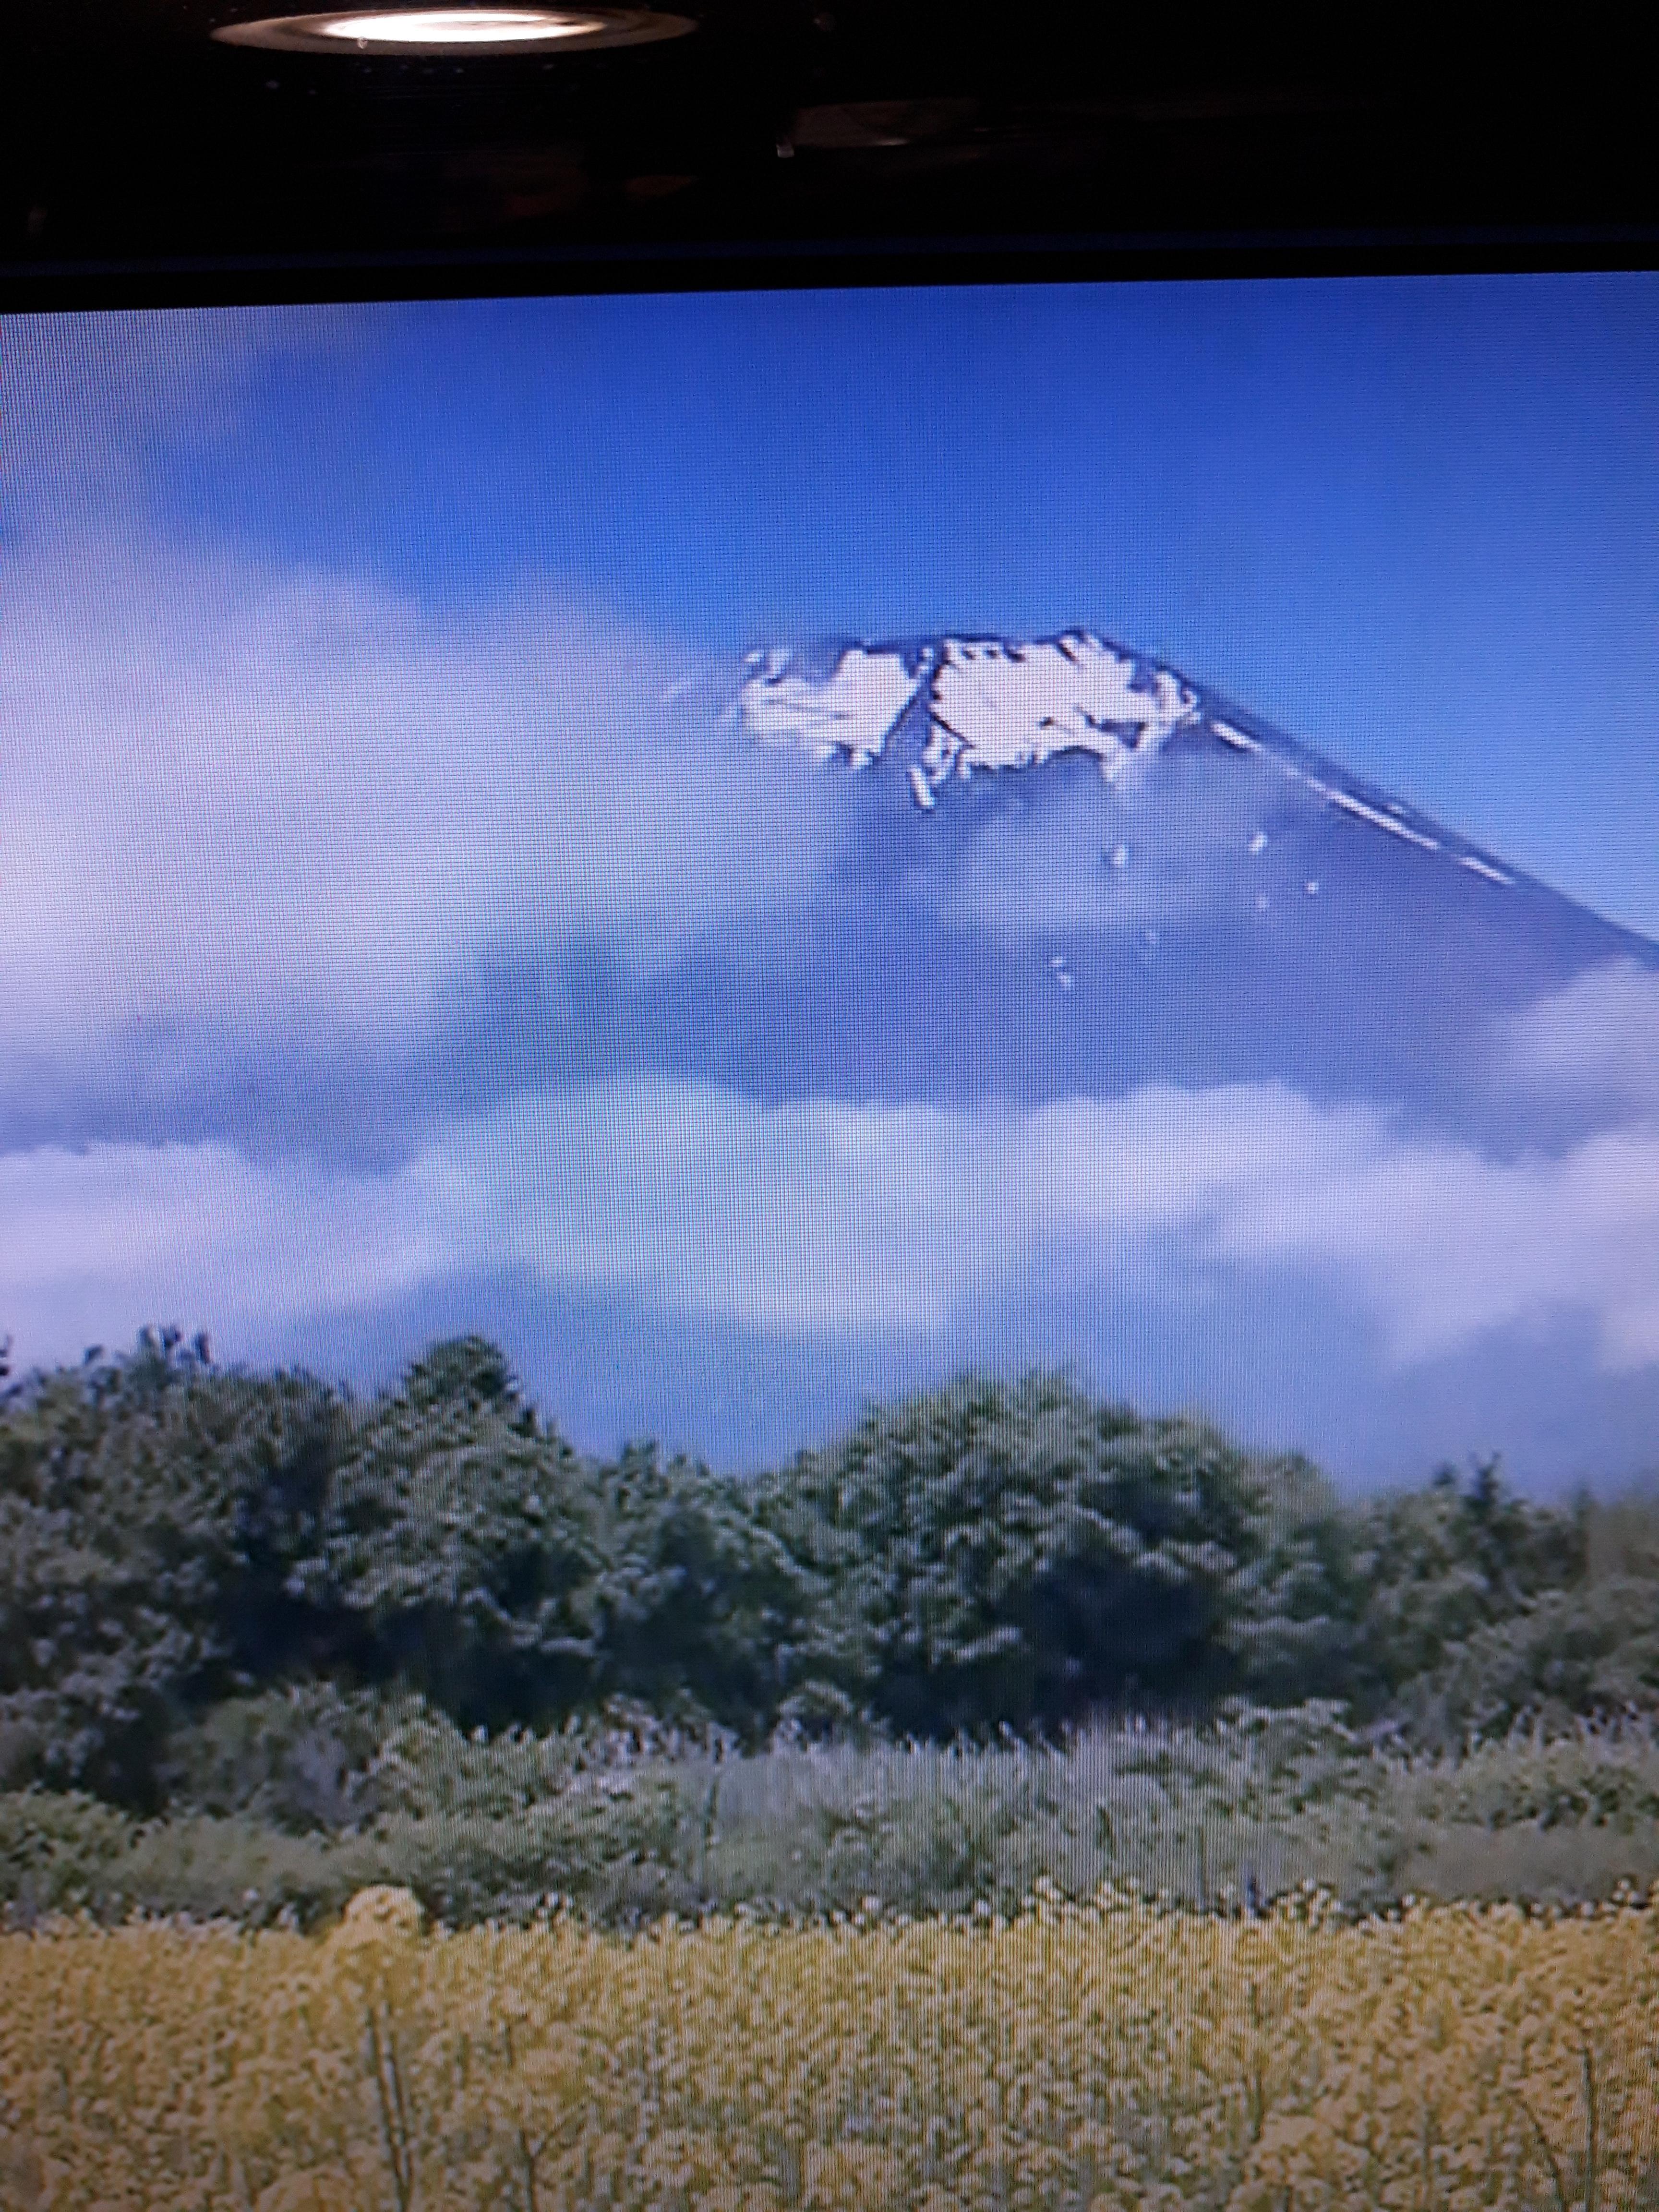 「曇り時々晴れかも⁉」06/17(06/17) 15:03 | 鈴木の写メ・風俗動画